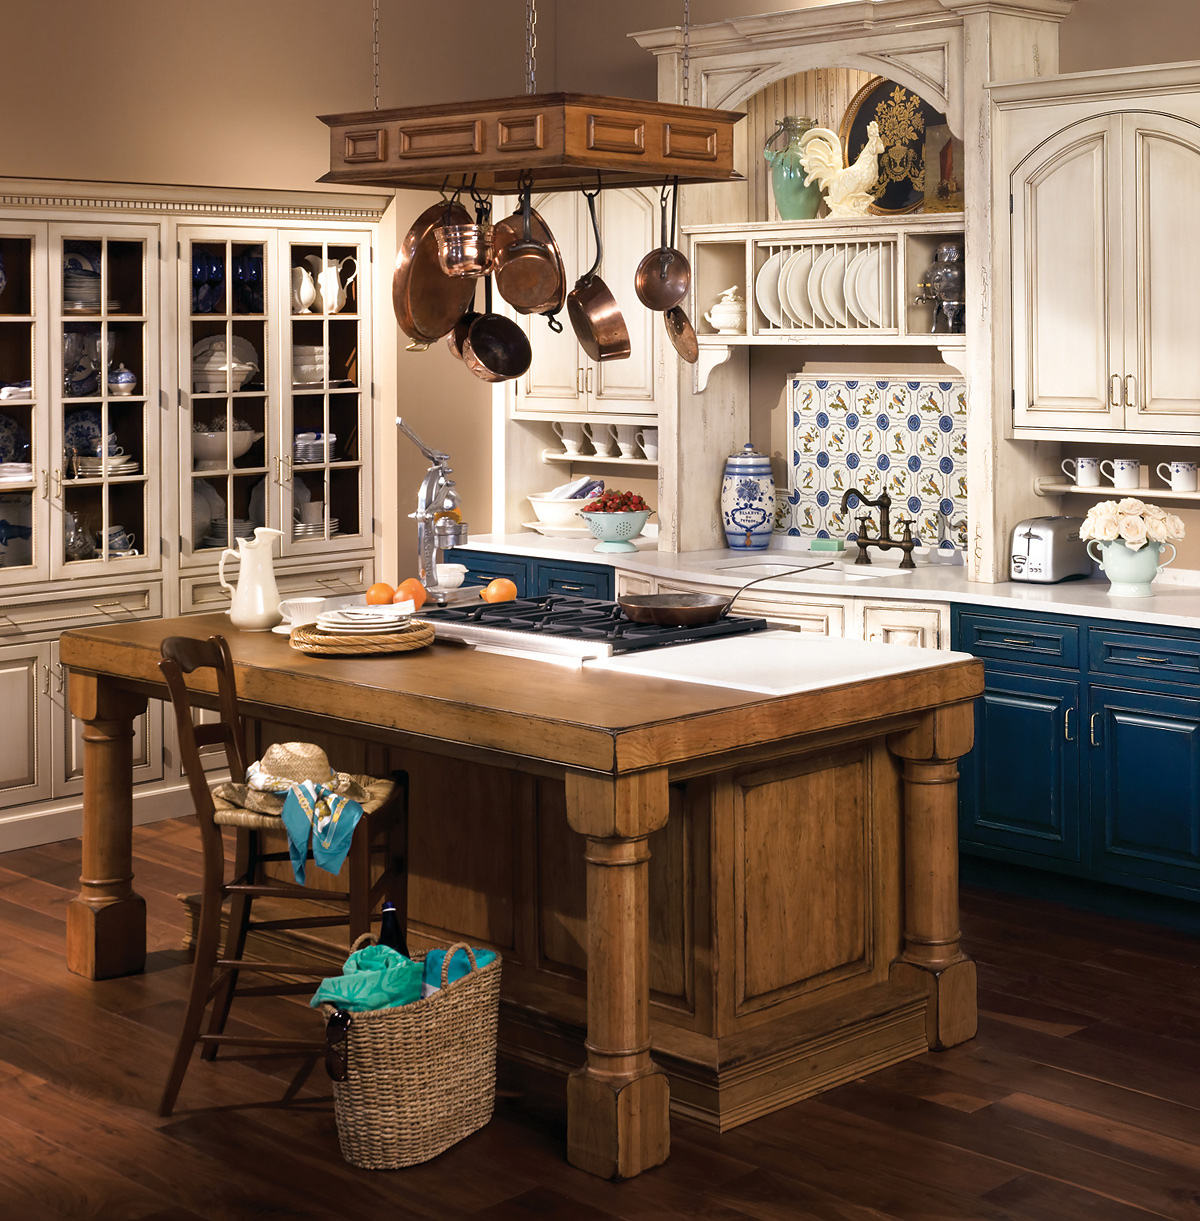 Коричневый, белый и синий цвета в интерьере кухни в стиле прованс